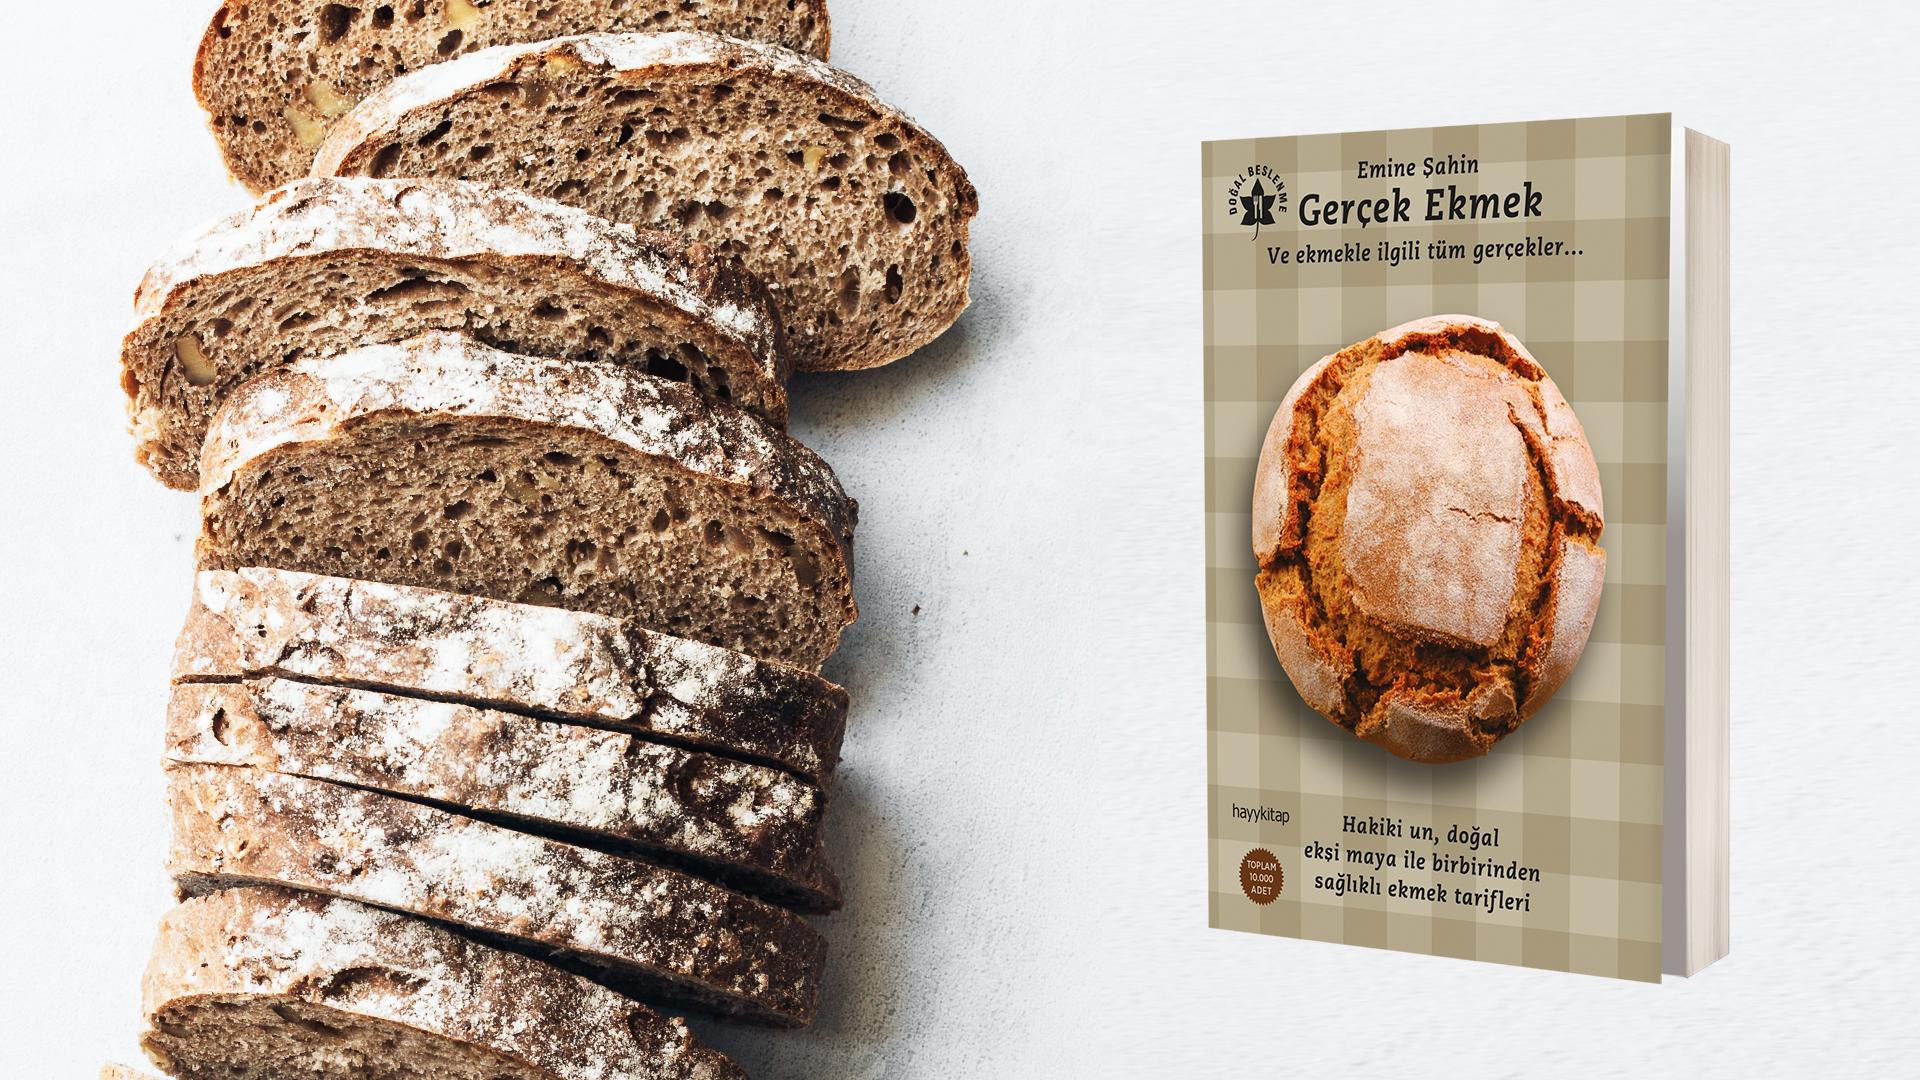 Gerçek Ekmek